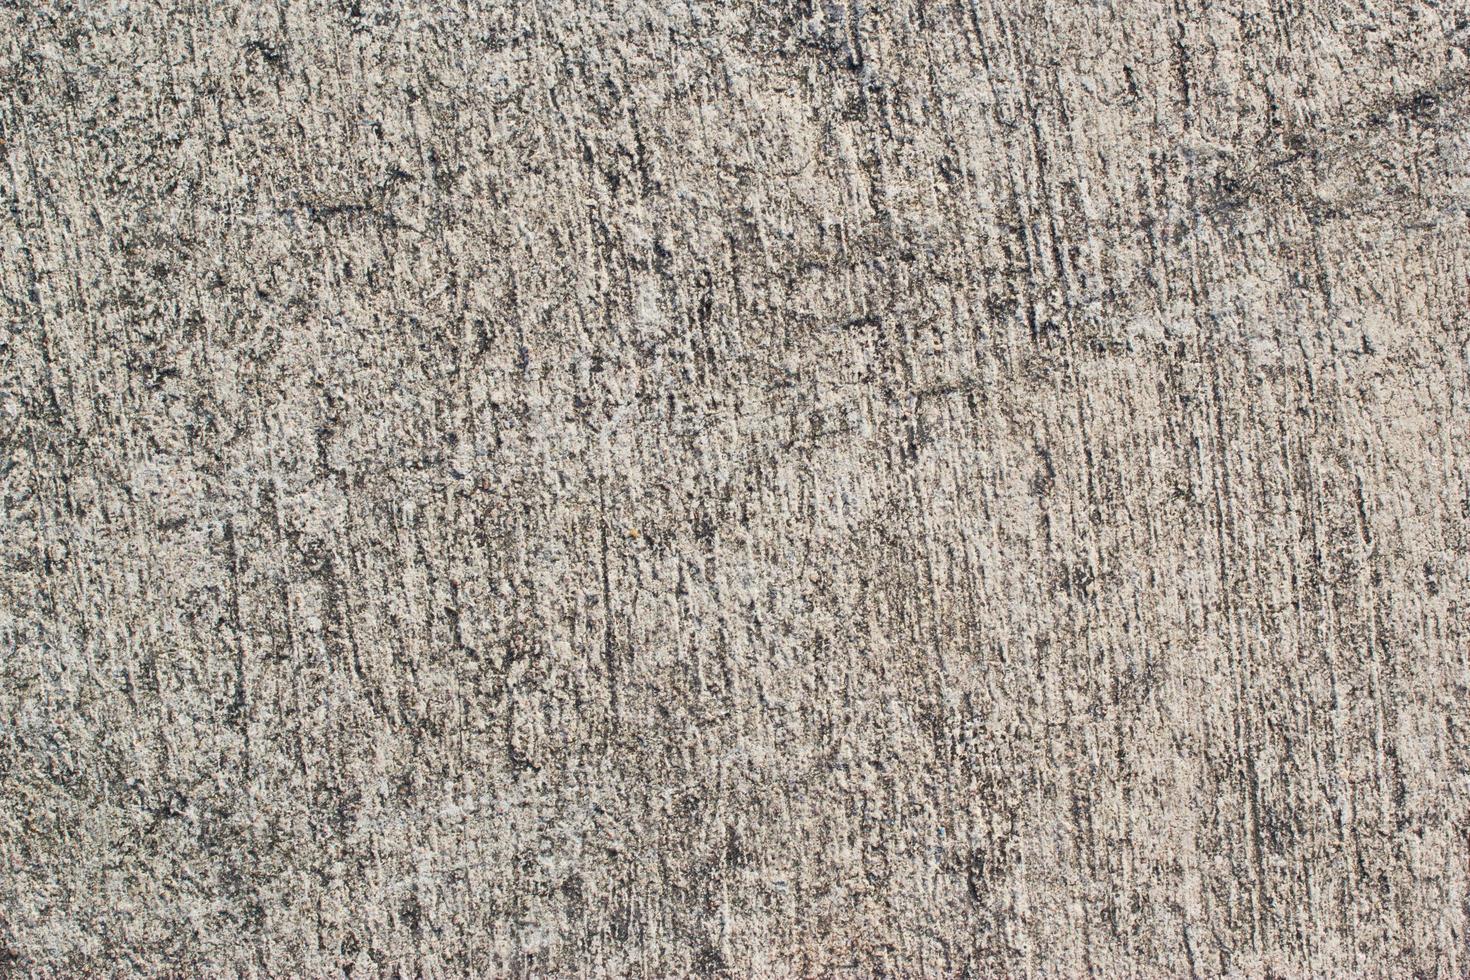 sfondo grungy cemento bianco foto